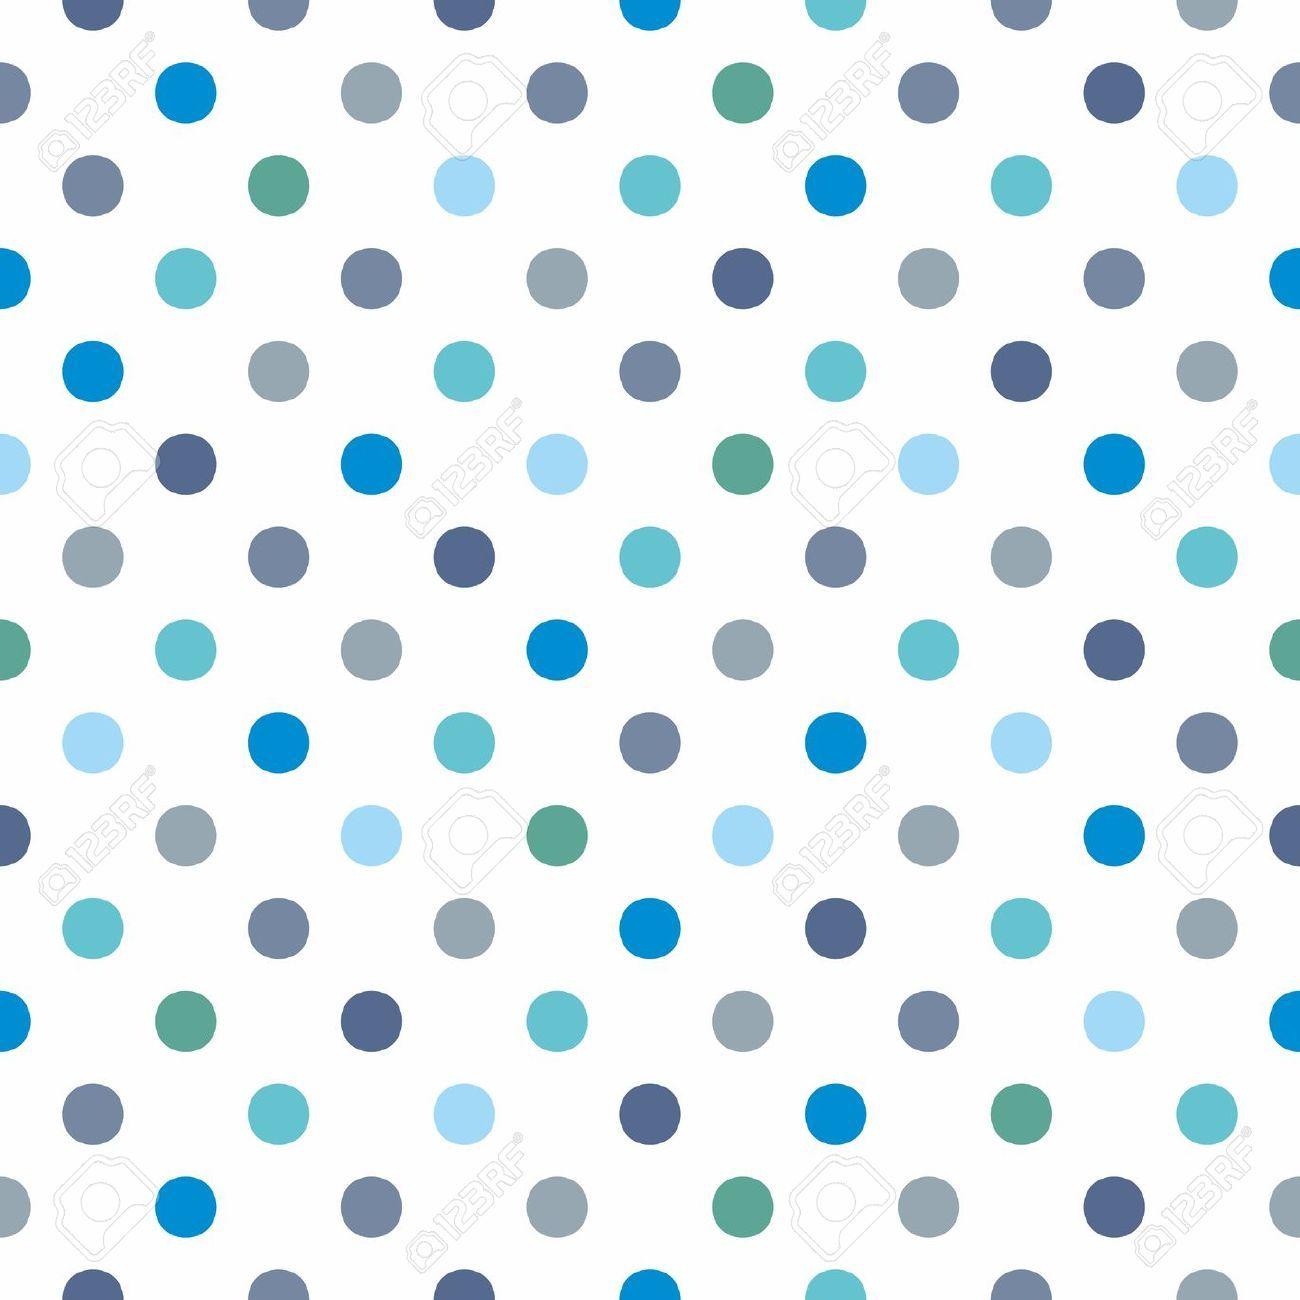 Papel decorativo de puntitos de colores buscar con - Comprar papel decorativo ...